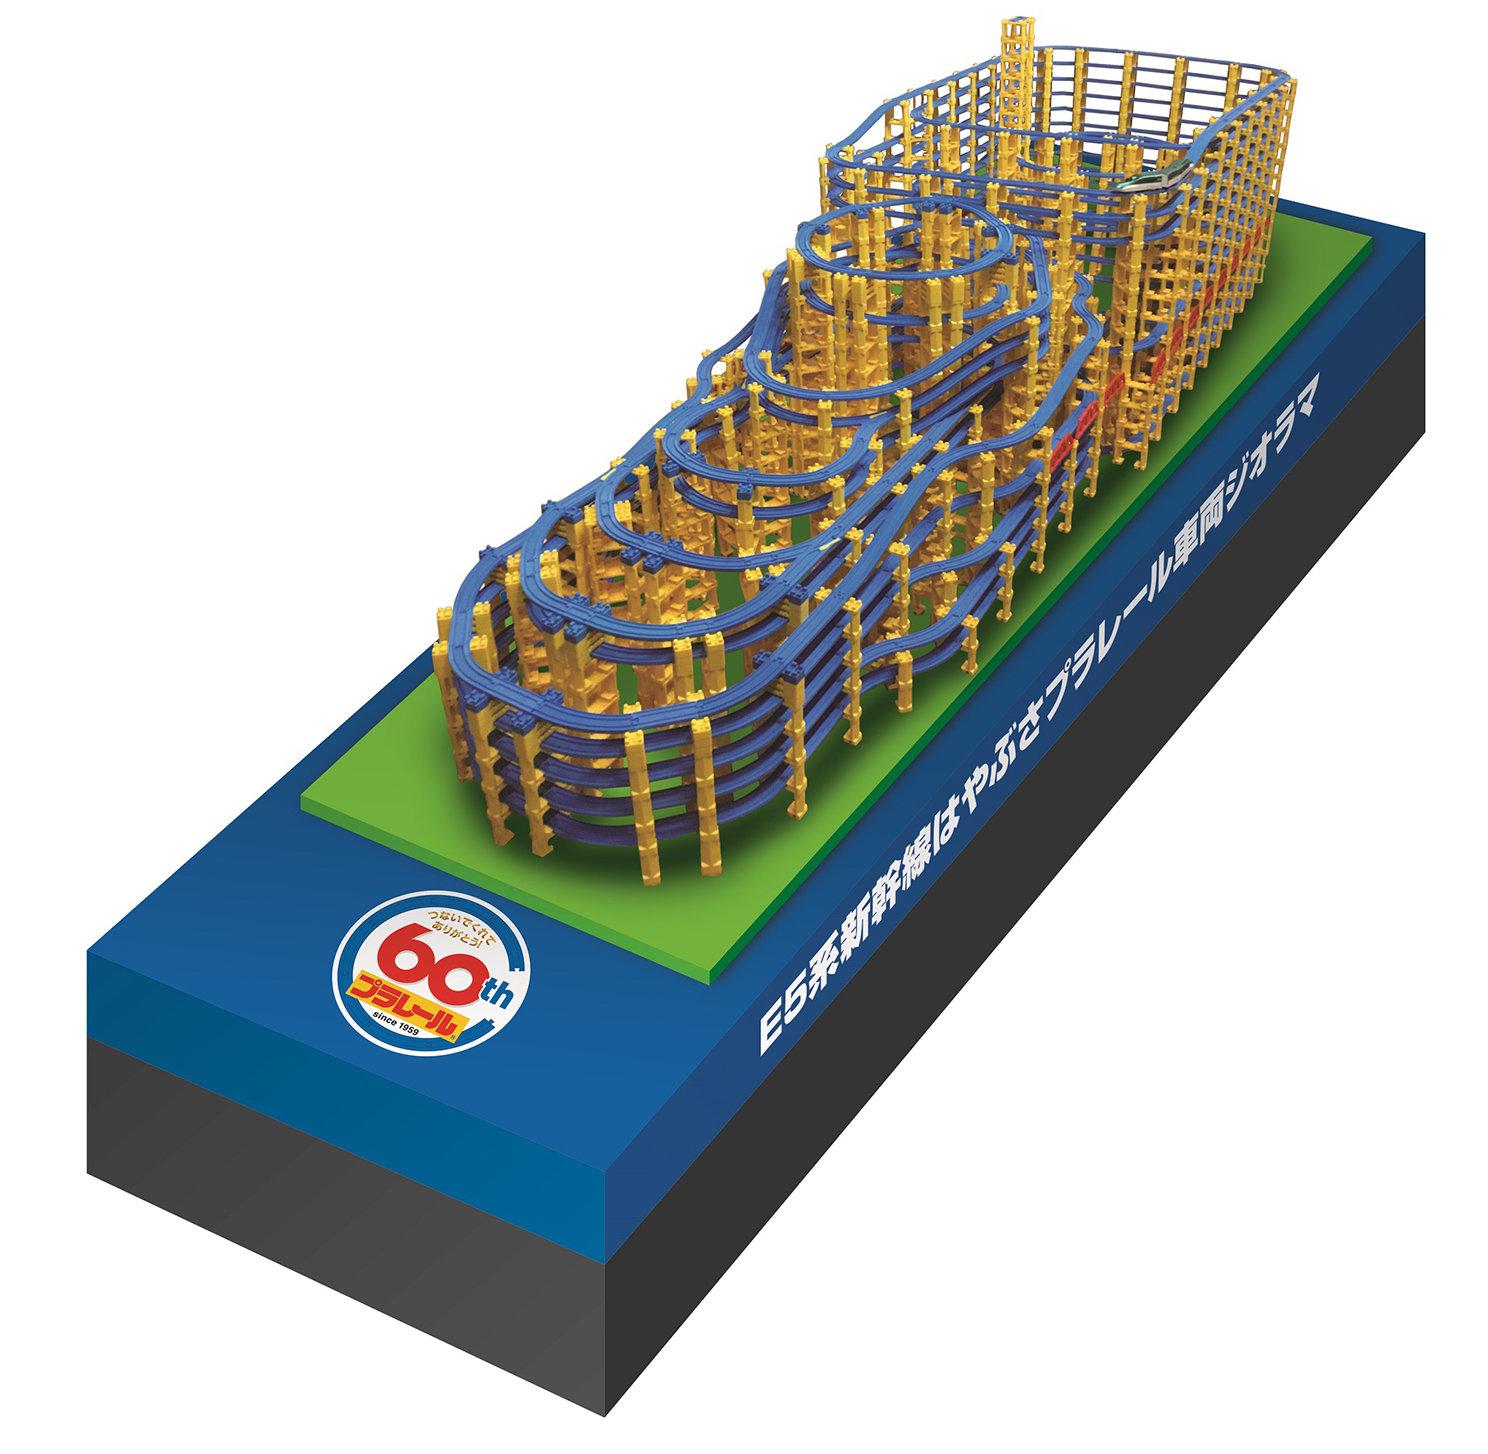 この写真は、プラレール60周年記念展に出展される、大型のプラレールジオラマ「E5系新幹線はやぶさプラレール車両ジオラマ」の全景